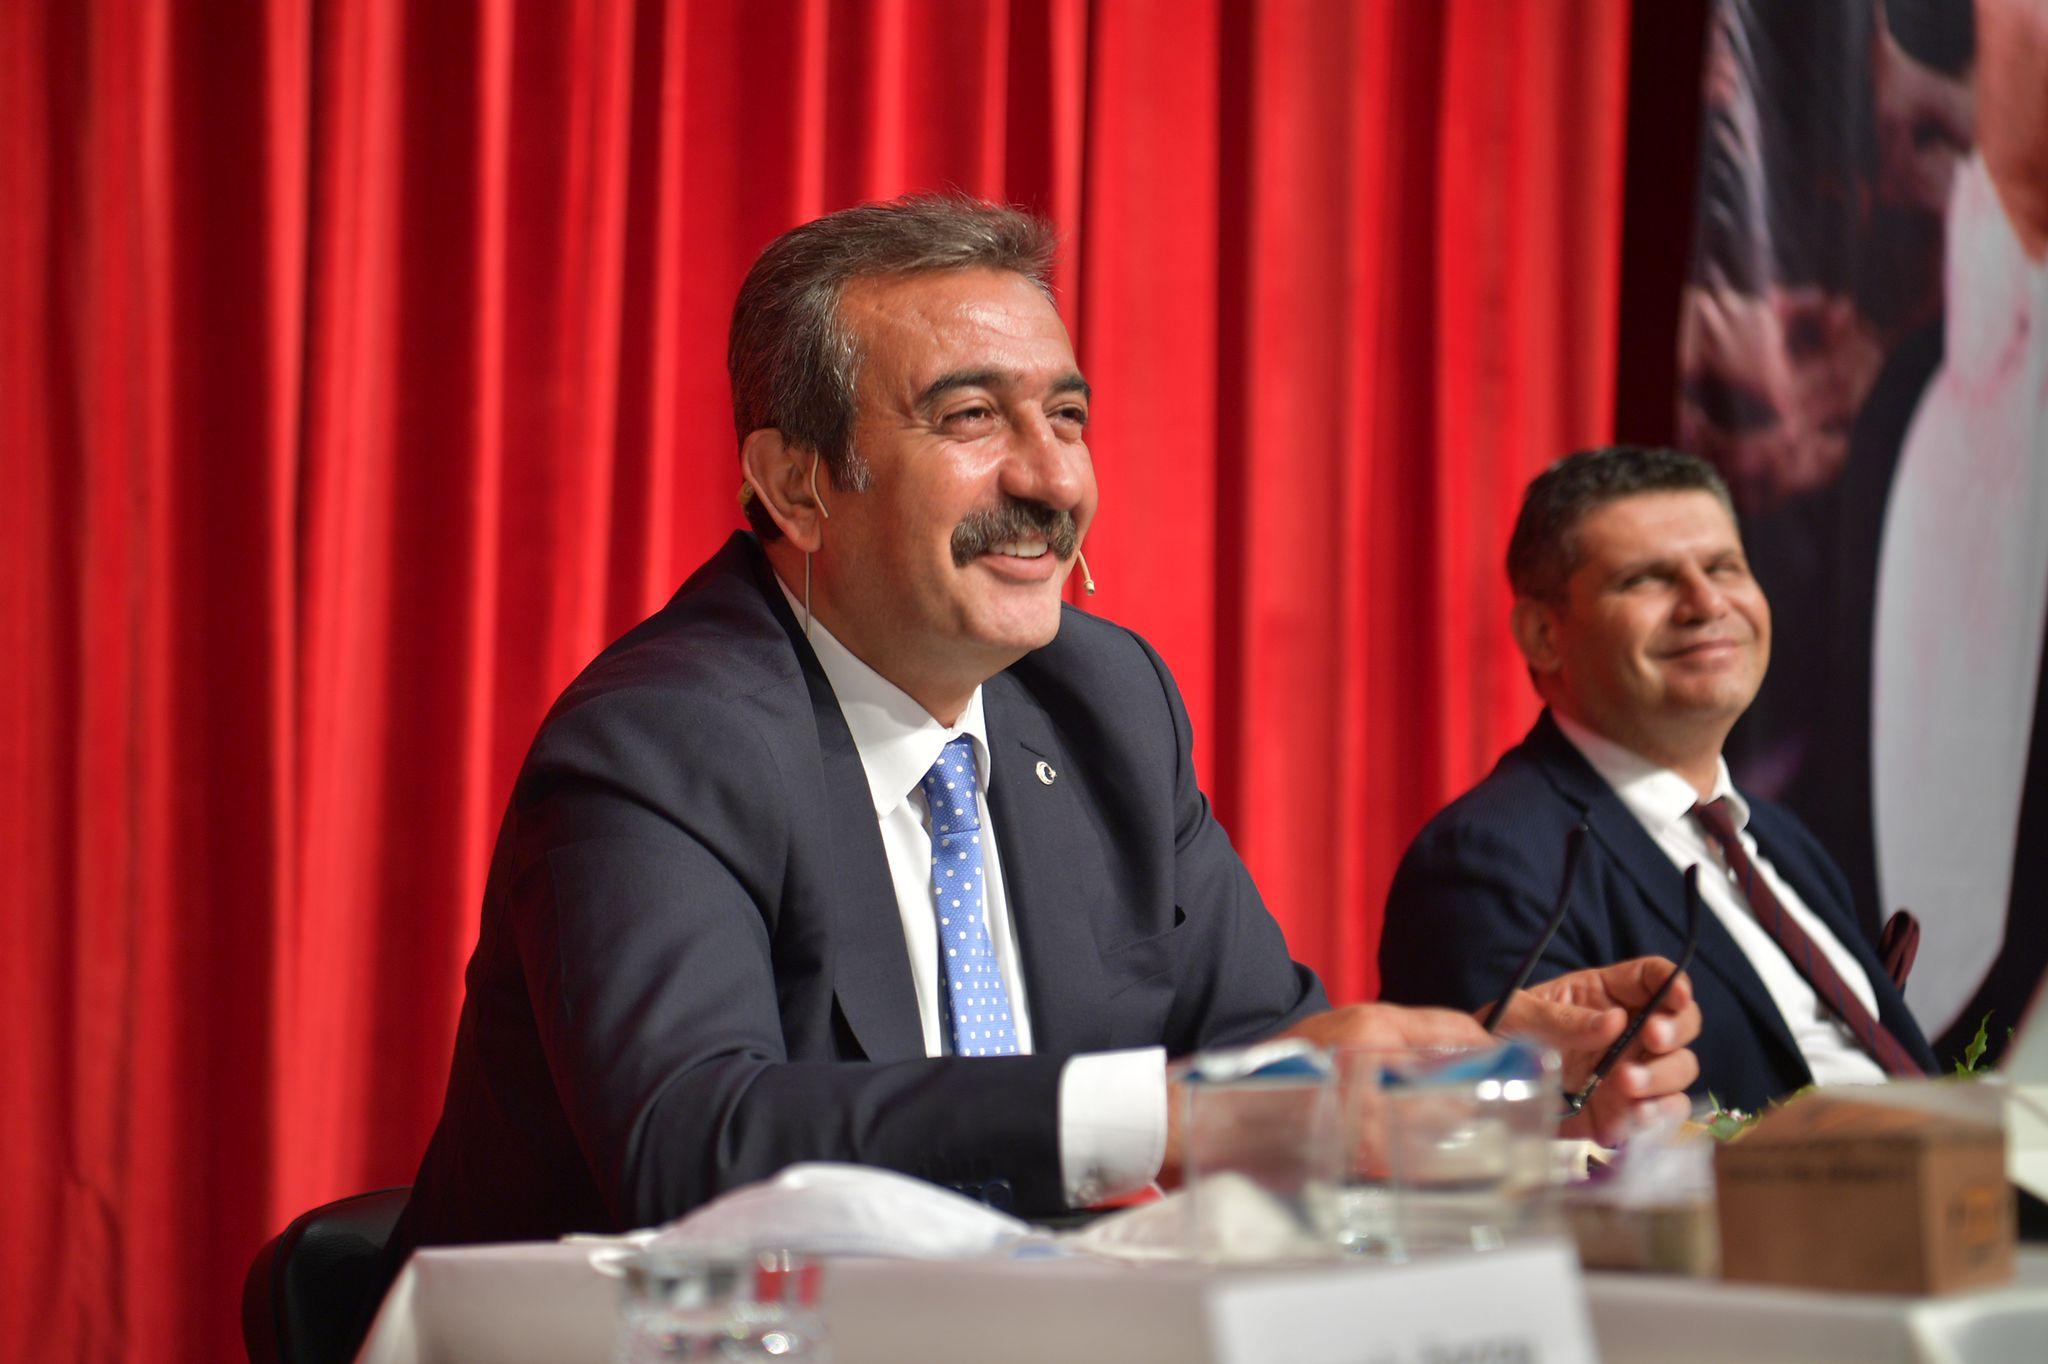 Çukurova Belediye Başkanı Soner Çetin, yıl bitmeden 7'nci toplu açılış ve temel atma töreni yapılacağını söyledi.